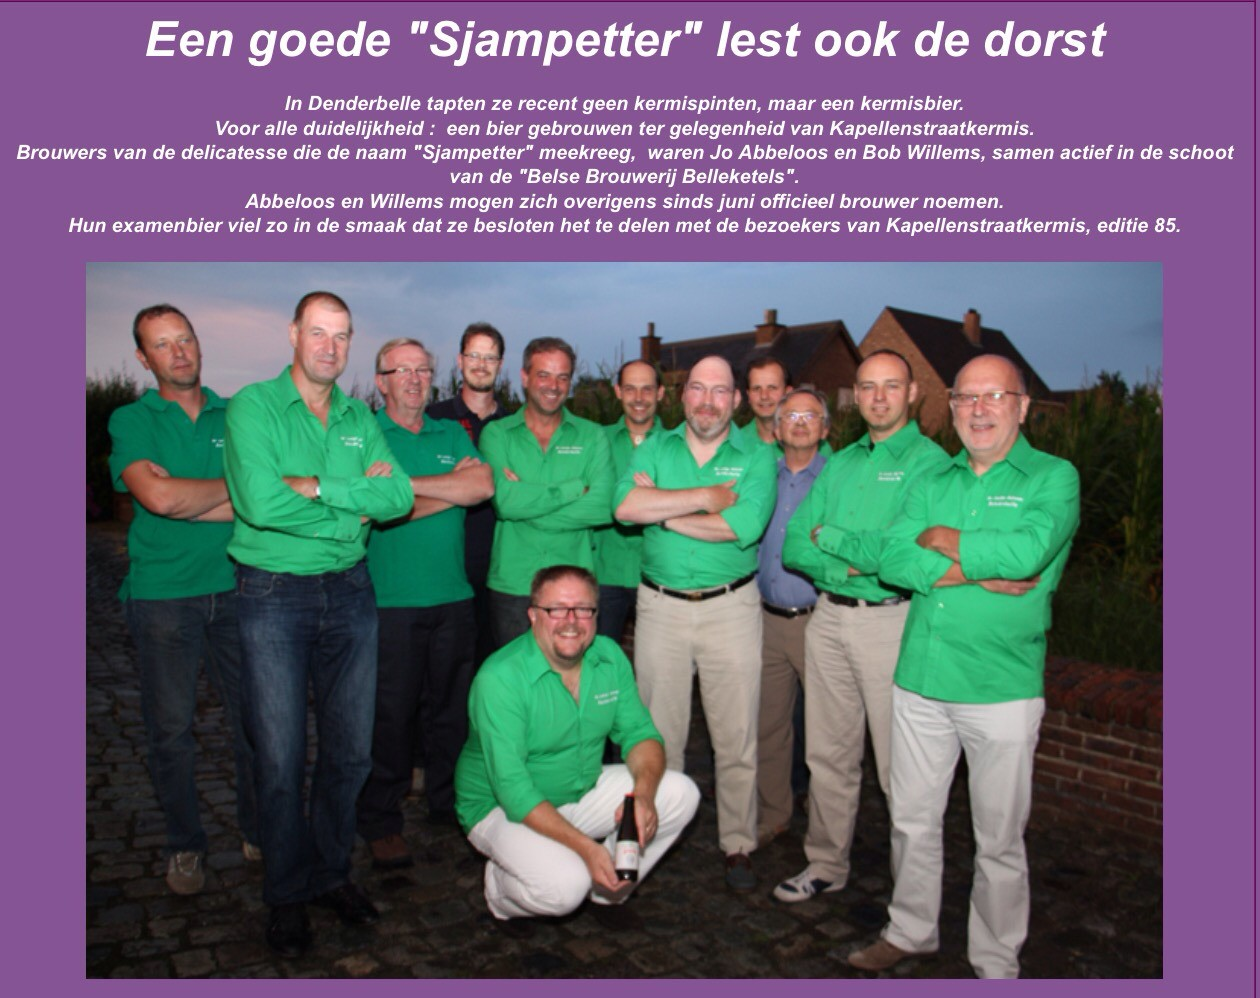 Aug 2010 De Belleketels brouwen het kermisbier Sjampetter voor de kermis in Denderbelle.